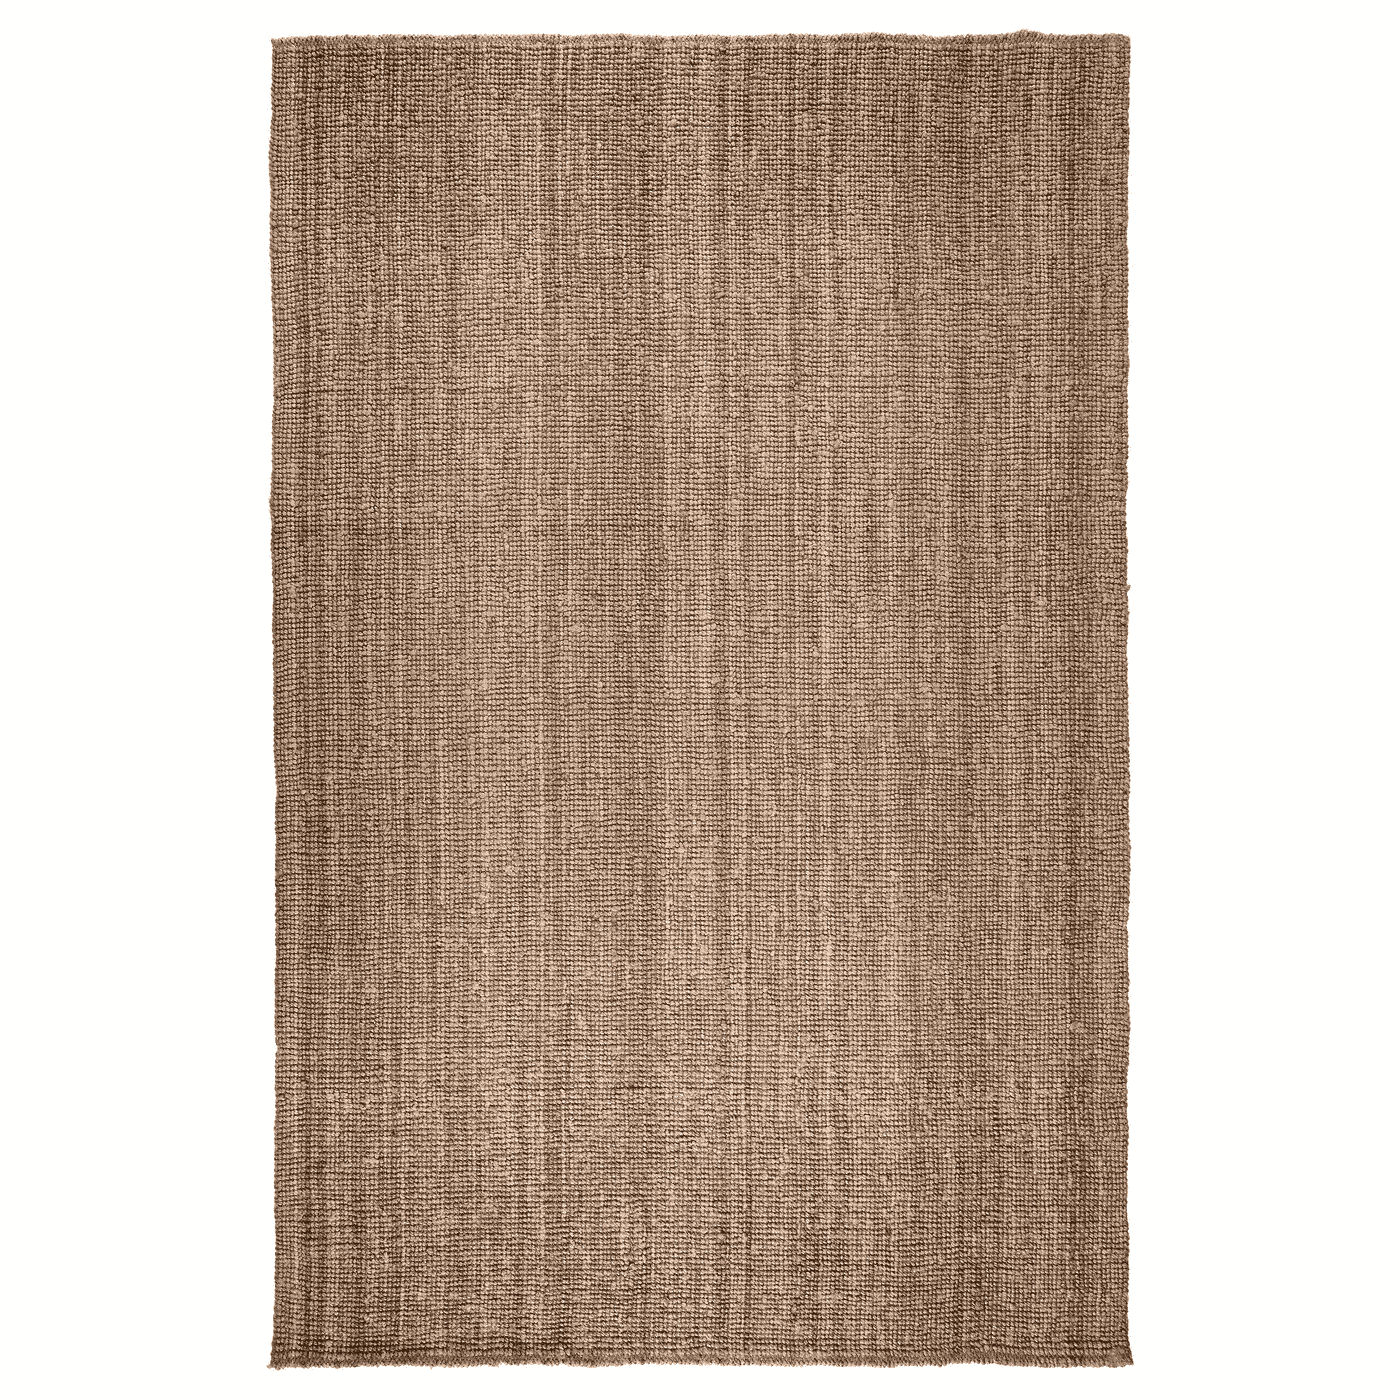 LOHALS Rug, flat woven, natural